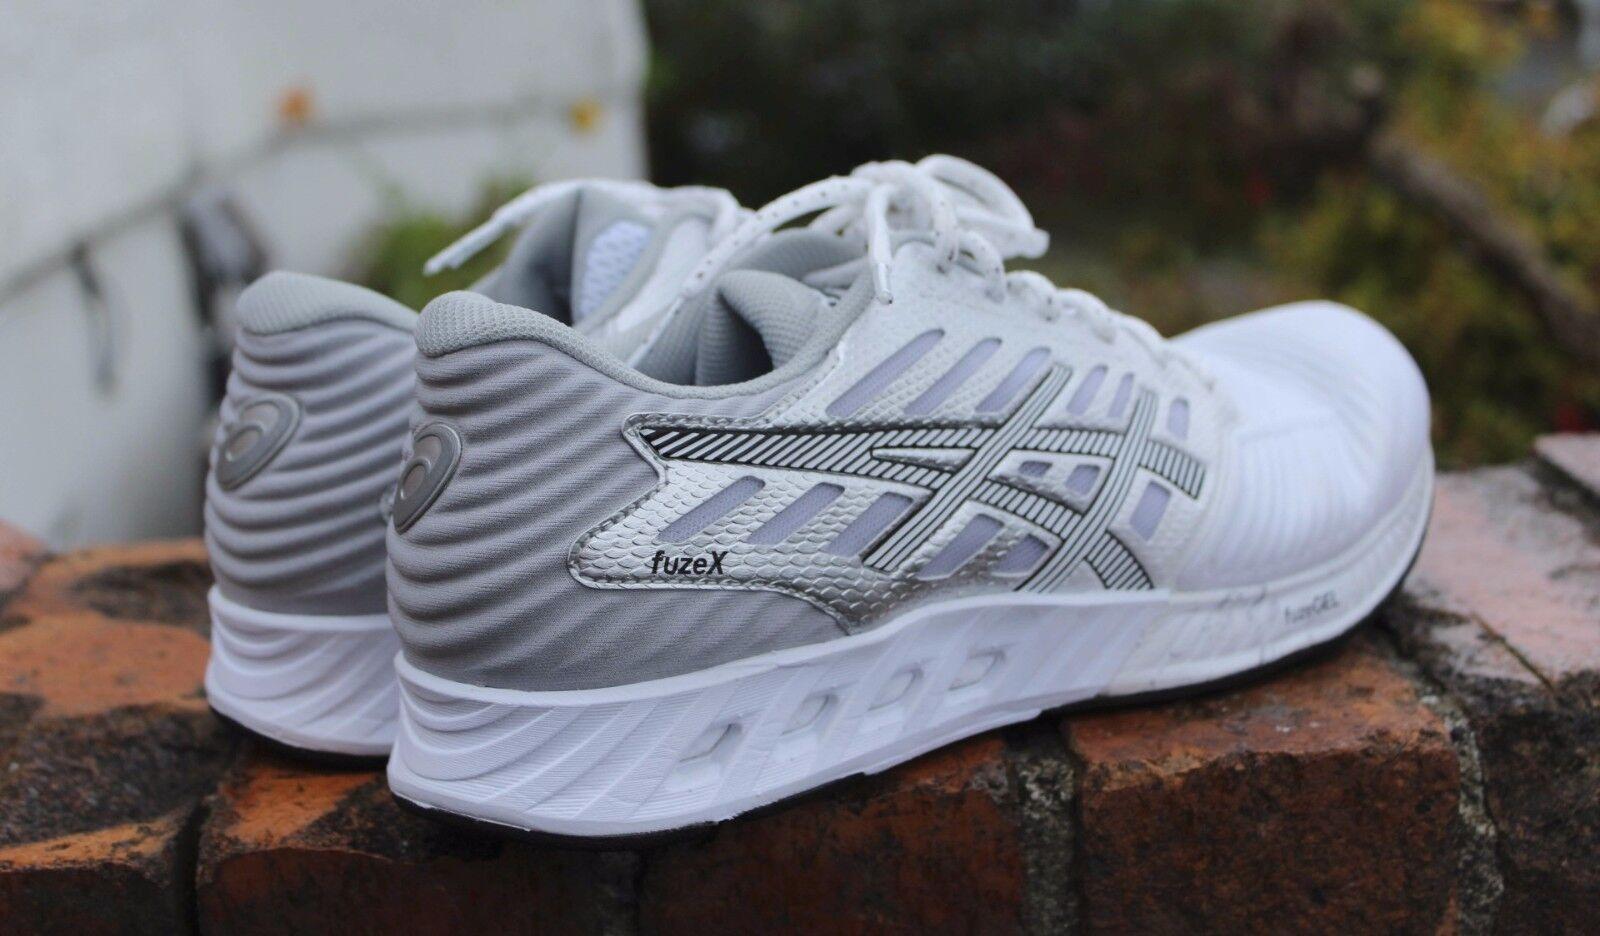 ASICS Femmes Chaussures De Course fuzex Gel T689N Fuse X blancuk 7.5 CM26 US9.5 41.5EU